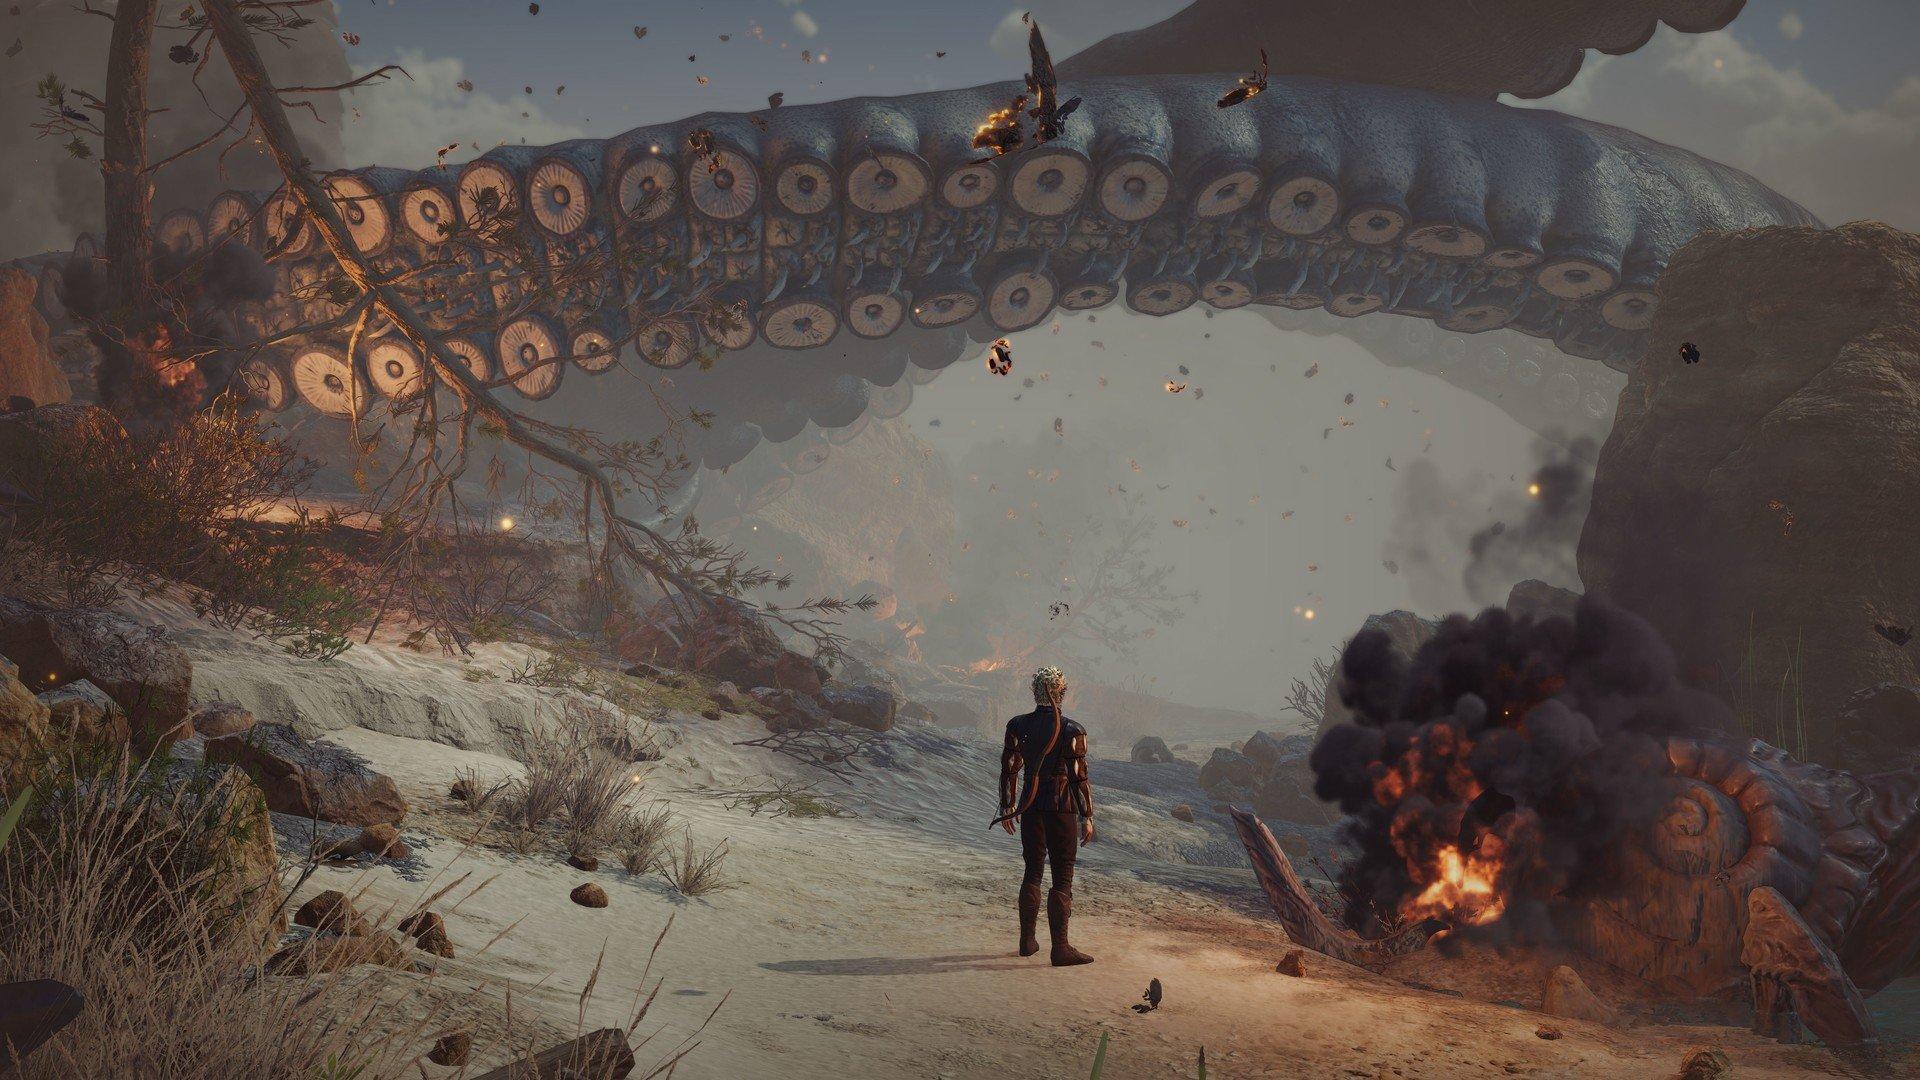 Baldur's Gate 3 release date